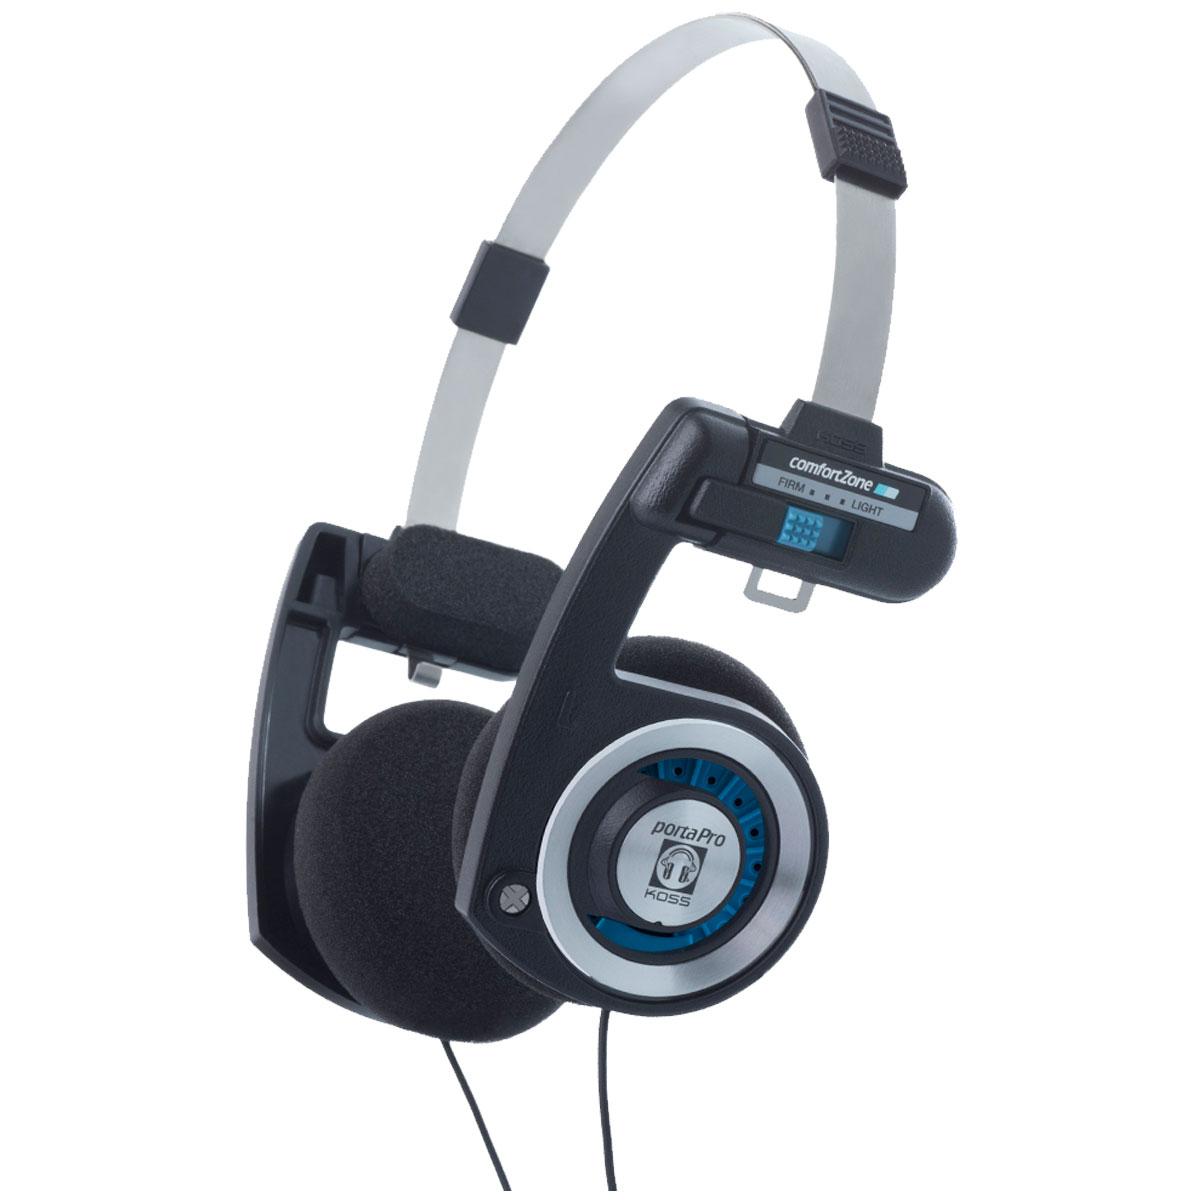 Fone de Ouvido On-ear Profissional 15 Hz - 25 KHz 60 Ohms p/ Retorno de Bandas - Porta PRO c/ Garantia Vitalícia KOSS